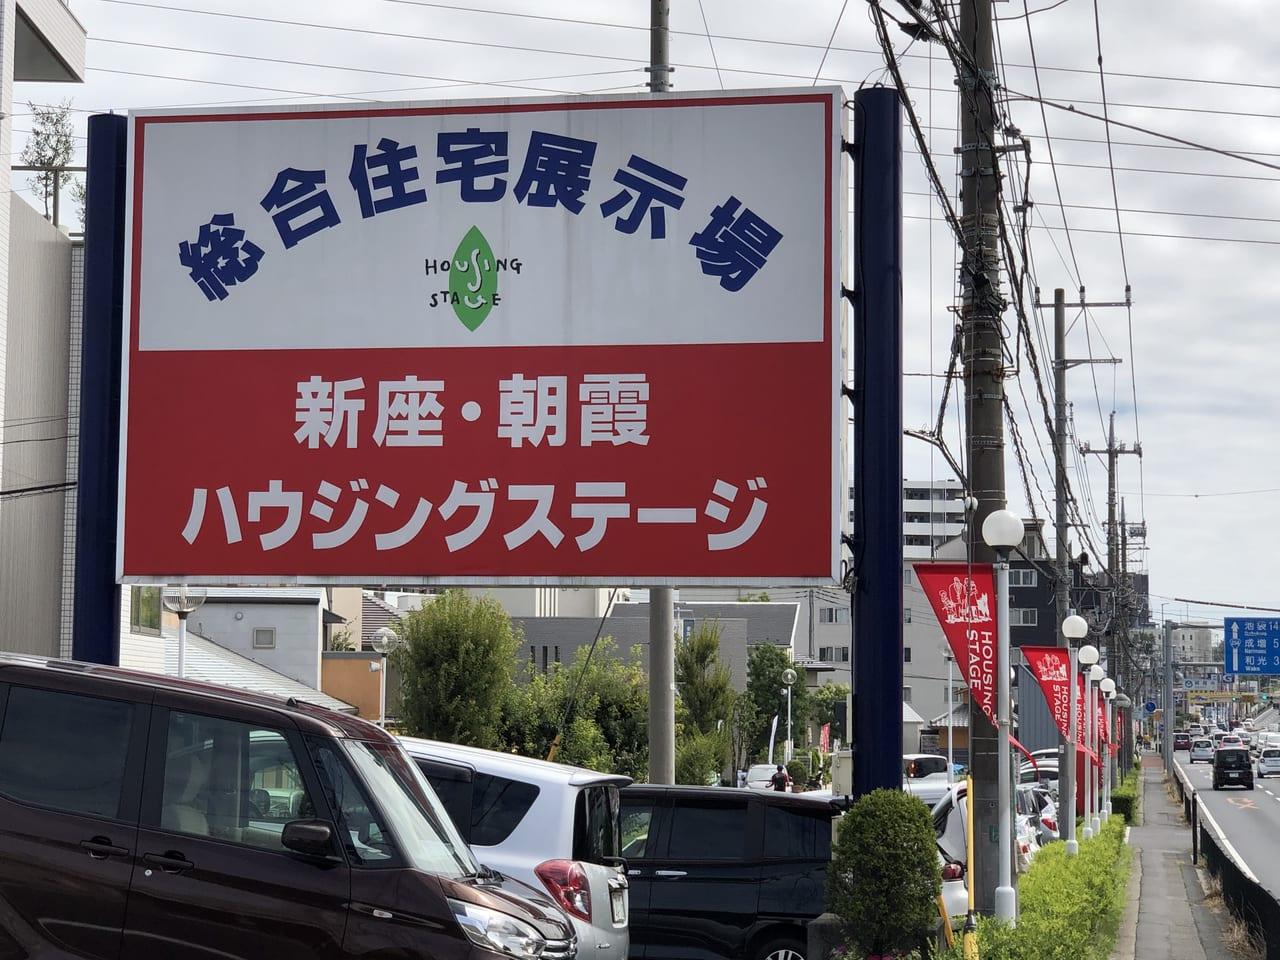 新座・朝霞 - ハウジングステージ